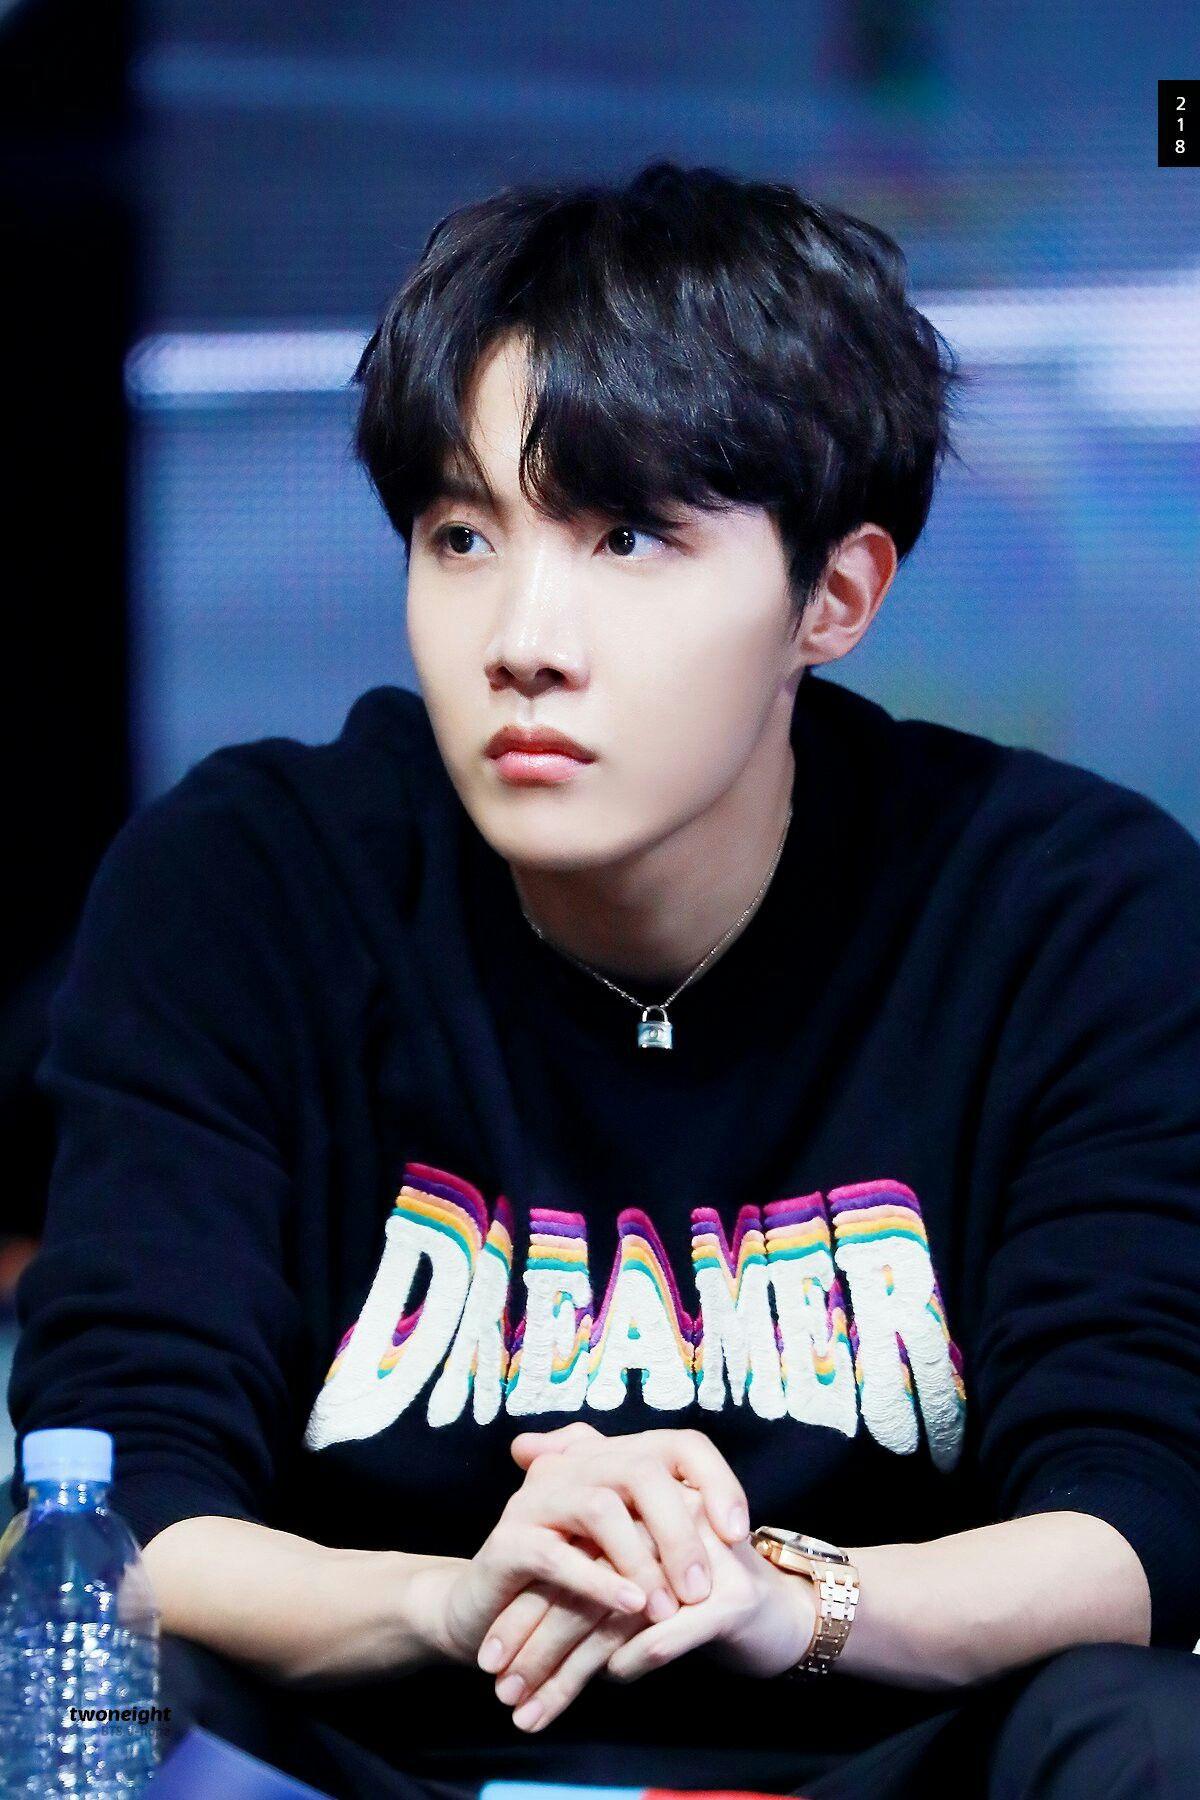 Soi trình tiếng Anh của 2 nhóm nhạc toàn cầu BTS và Black Pink: Bất ngờ với lỗ hổng đáng quan ngại của đại diện YG - Ảnh 28.